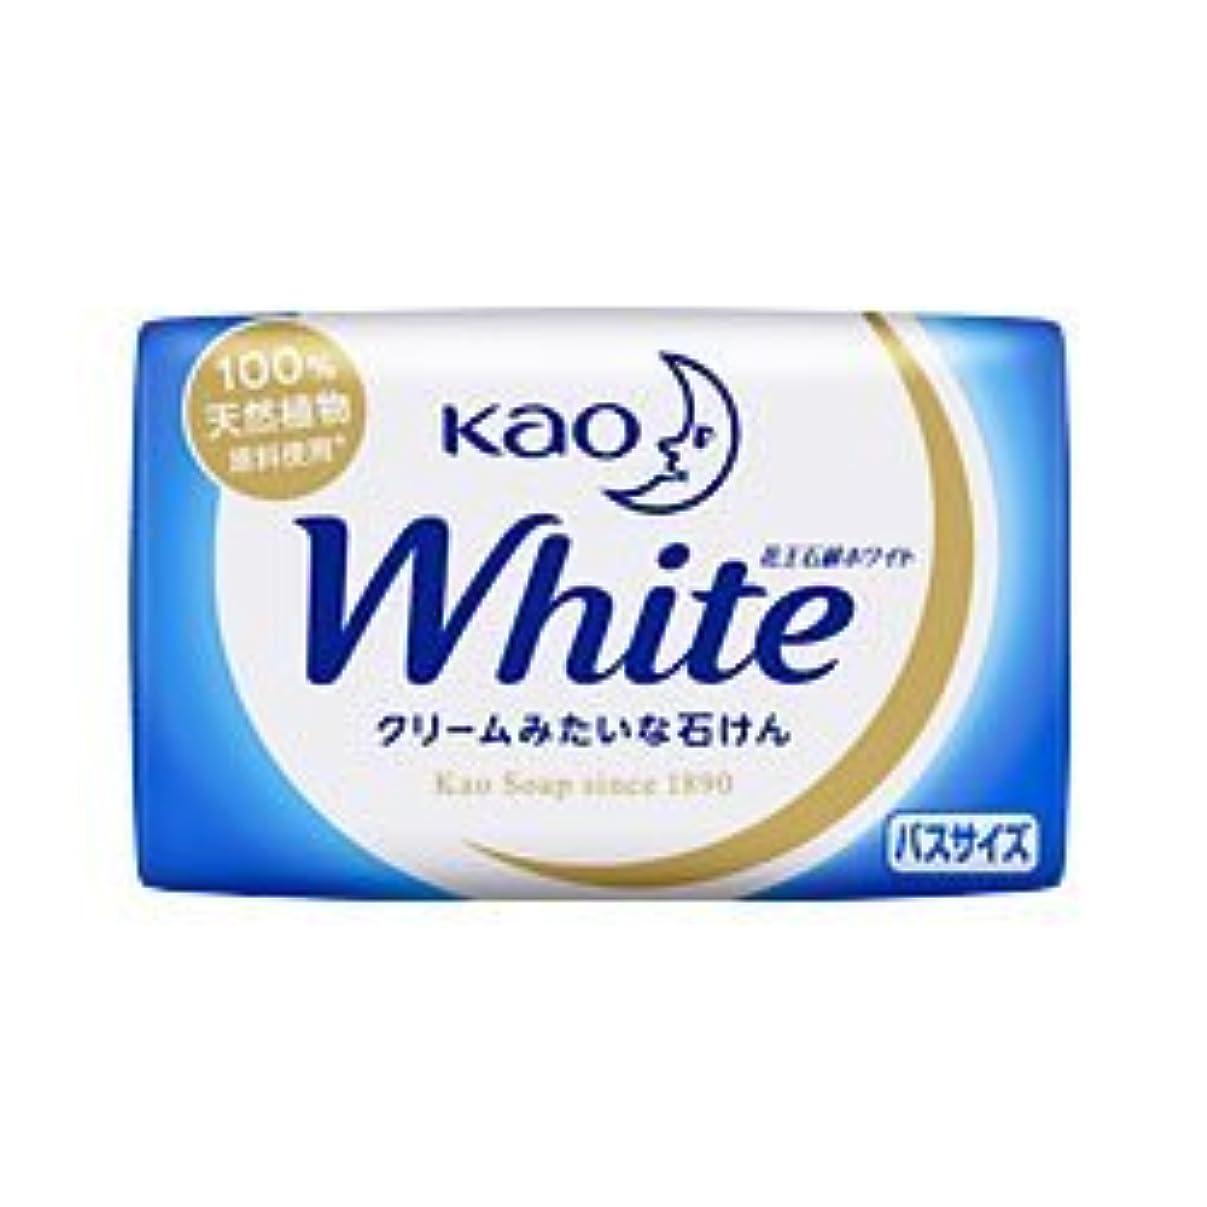 単調なフットボールパーティー【花王】花王ホワイト バスサイズ 1個 130g ×20個セット